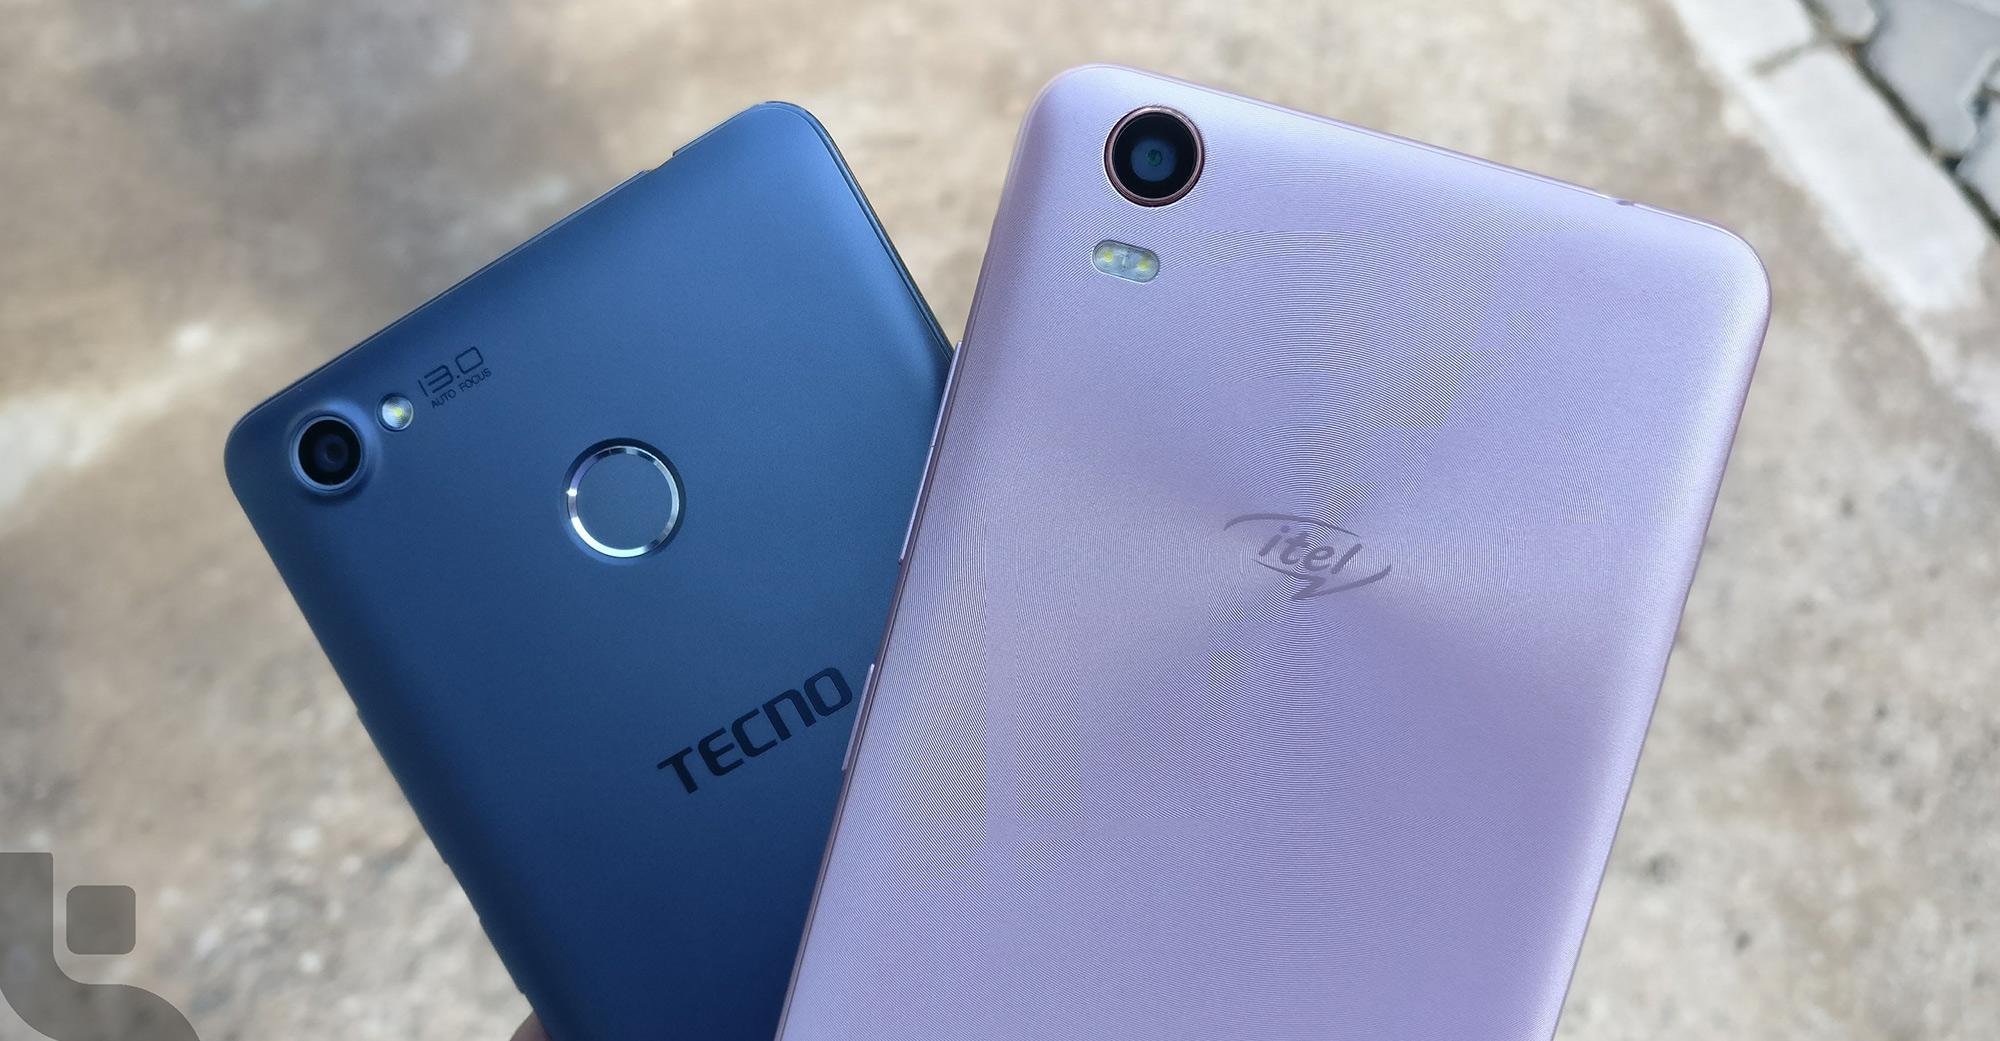 Дешевые китайские телефоны от Transsion похищают деньги у своих владельцев